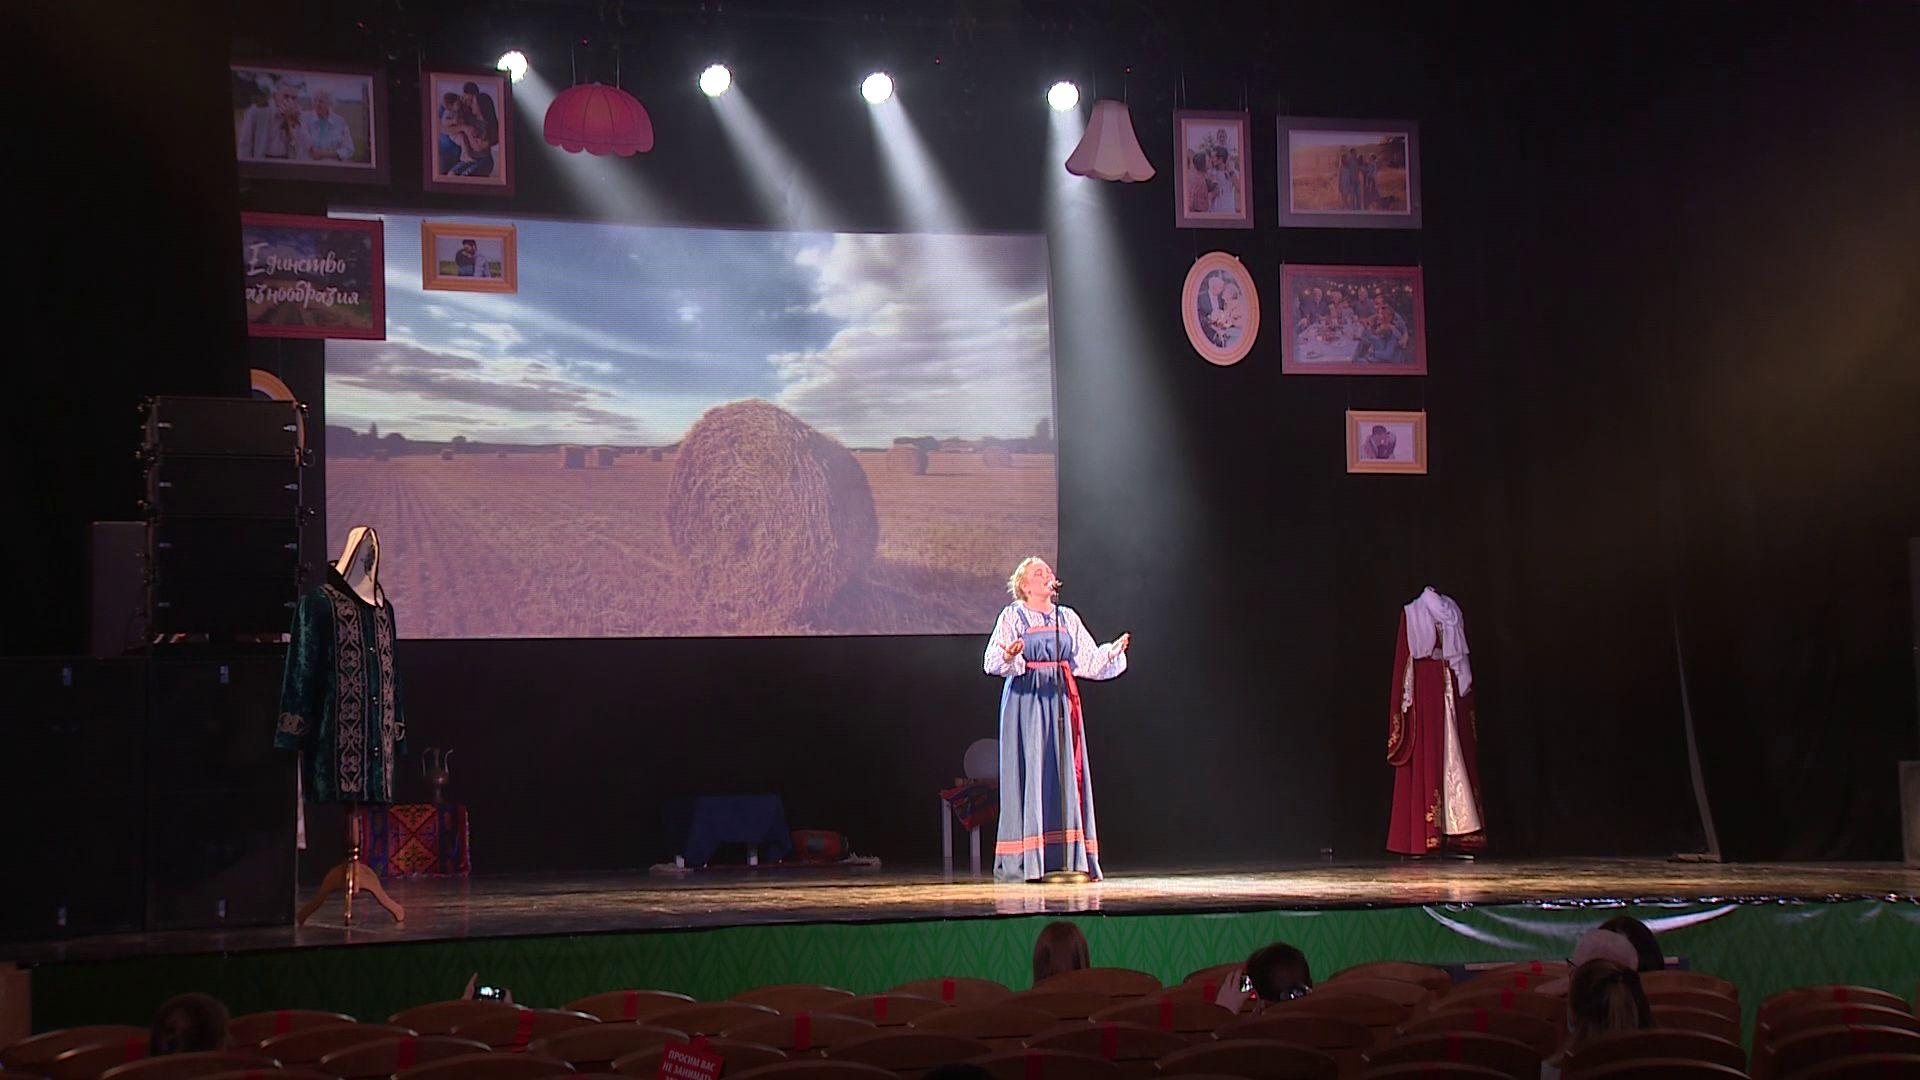 В Ярославле стартовал фестиваль «Единство разнообразия»